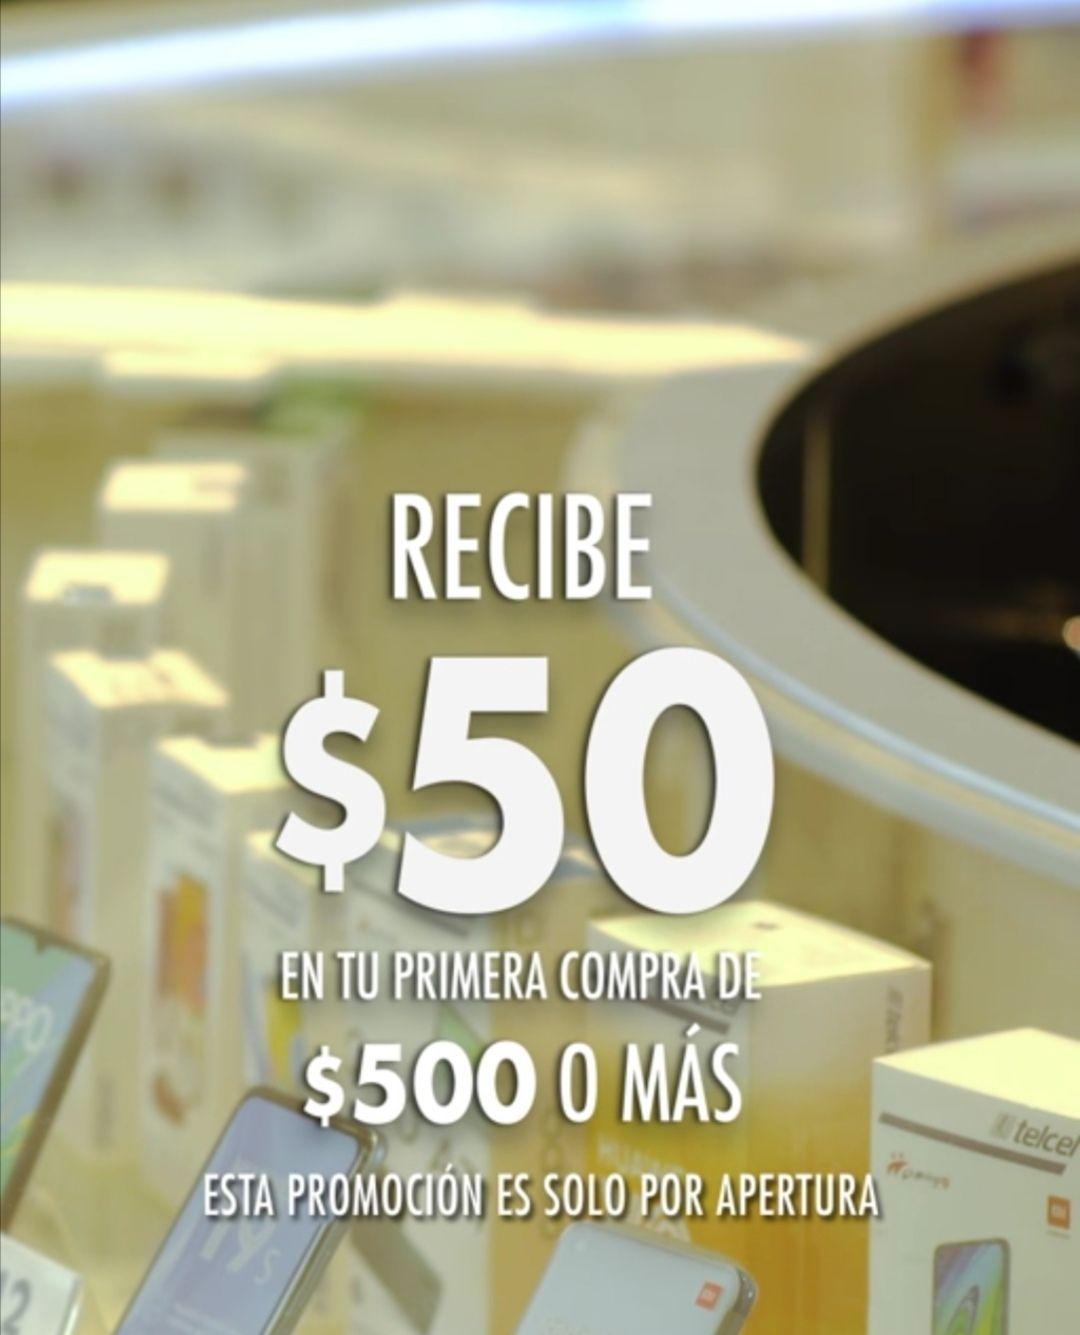 La Comer Altaria (Aguascalientes): Por apertura de tienda estrena tu Monedero Naranja y recibe $50 en tu primer compra de $500 ó más